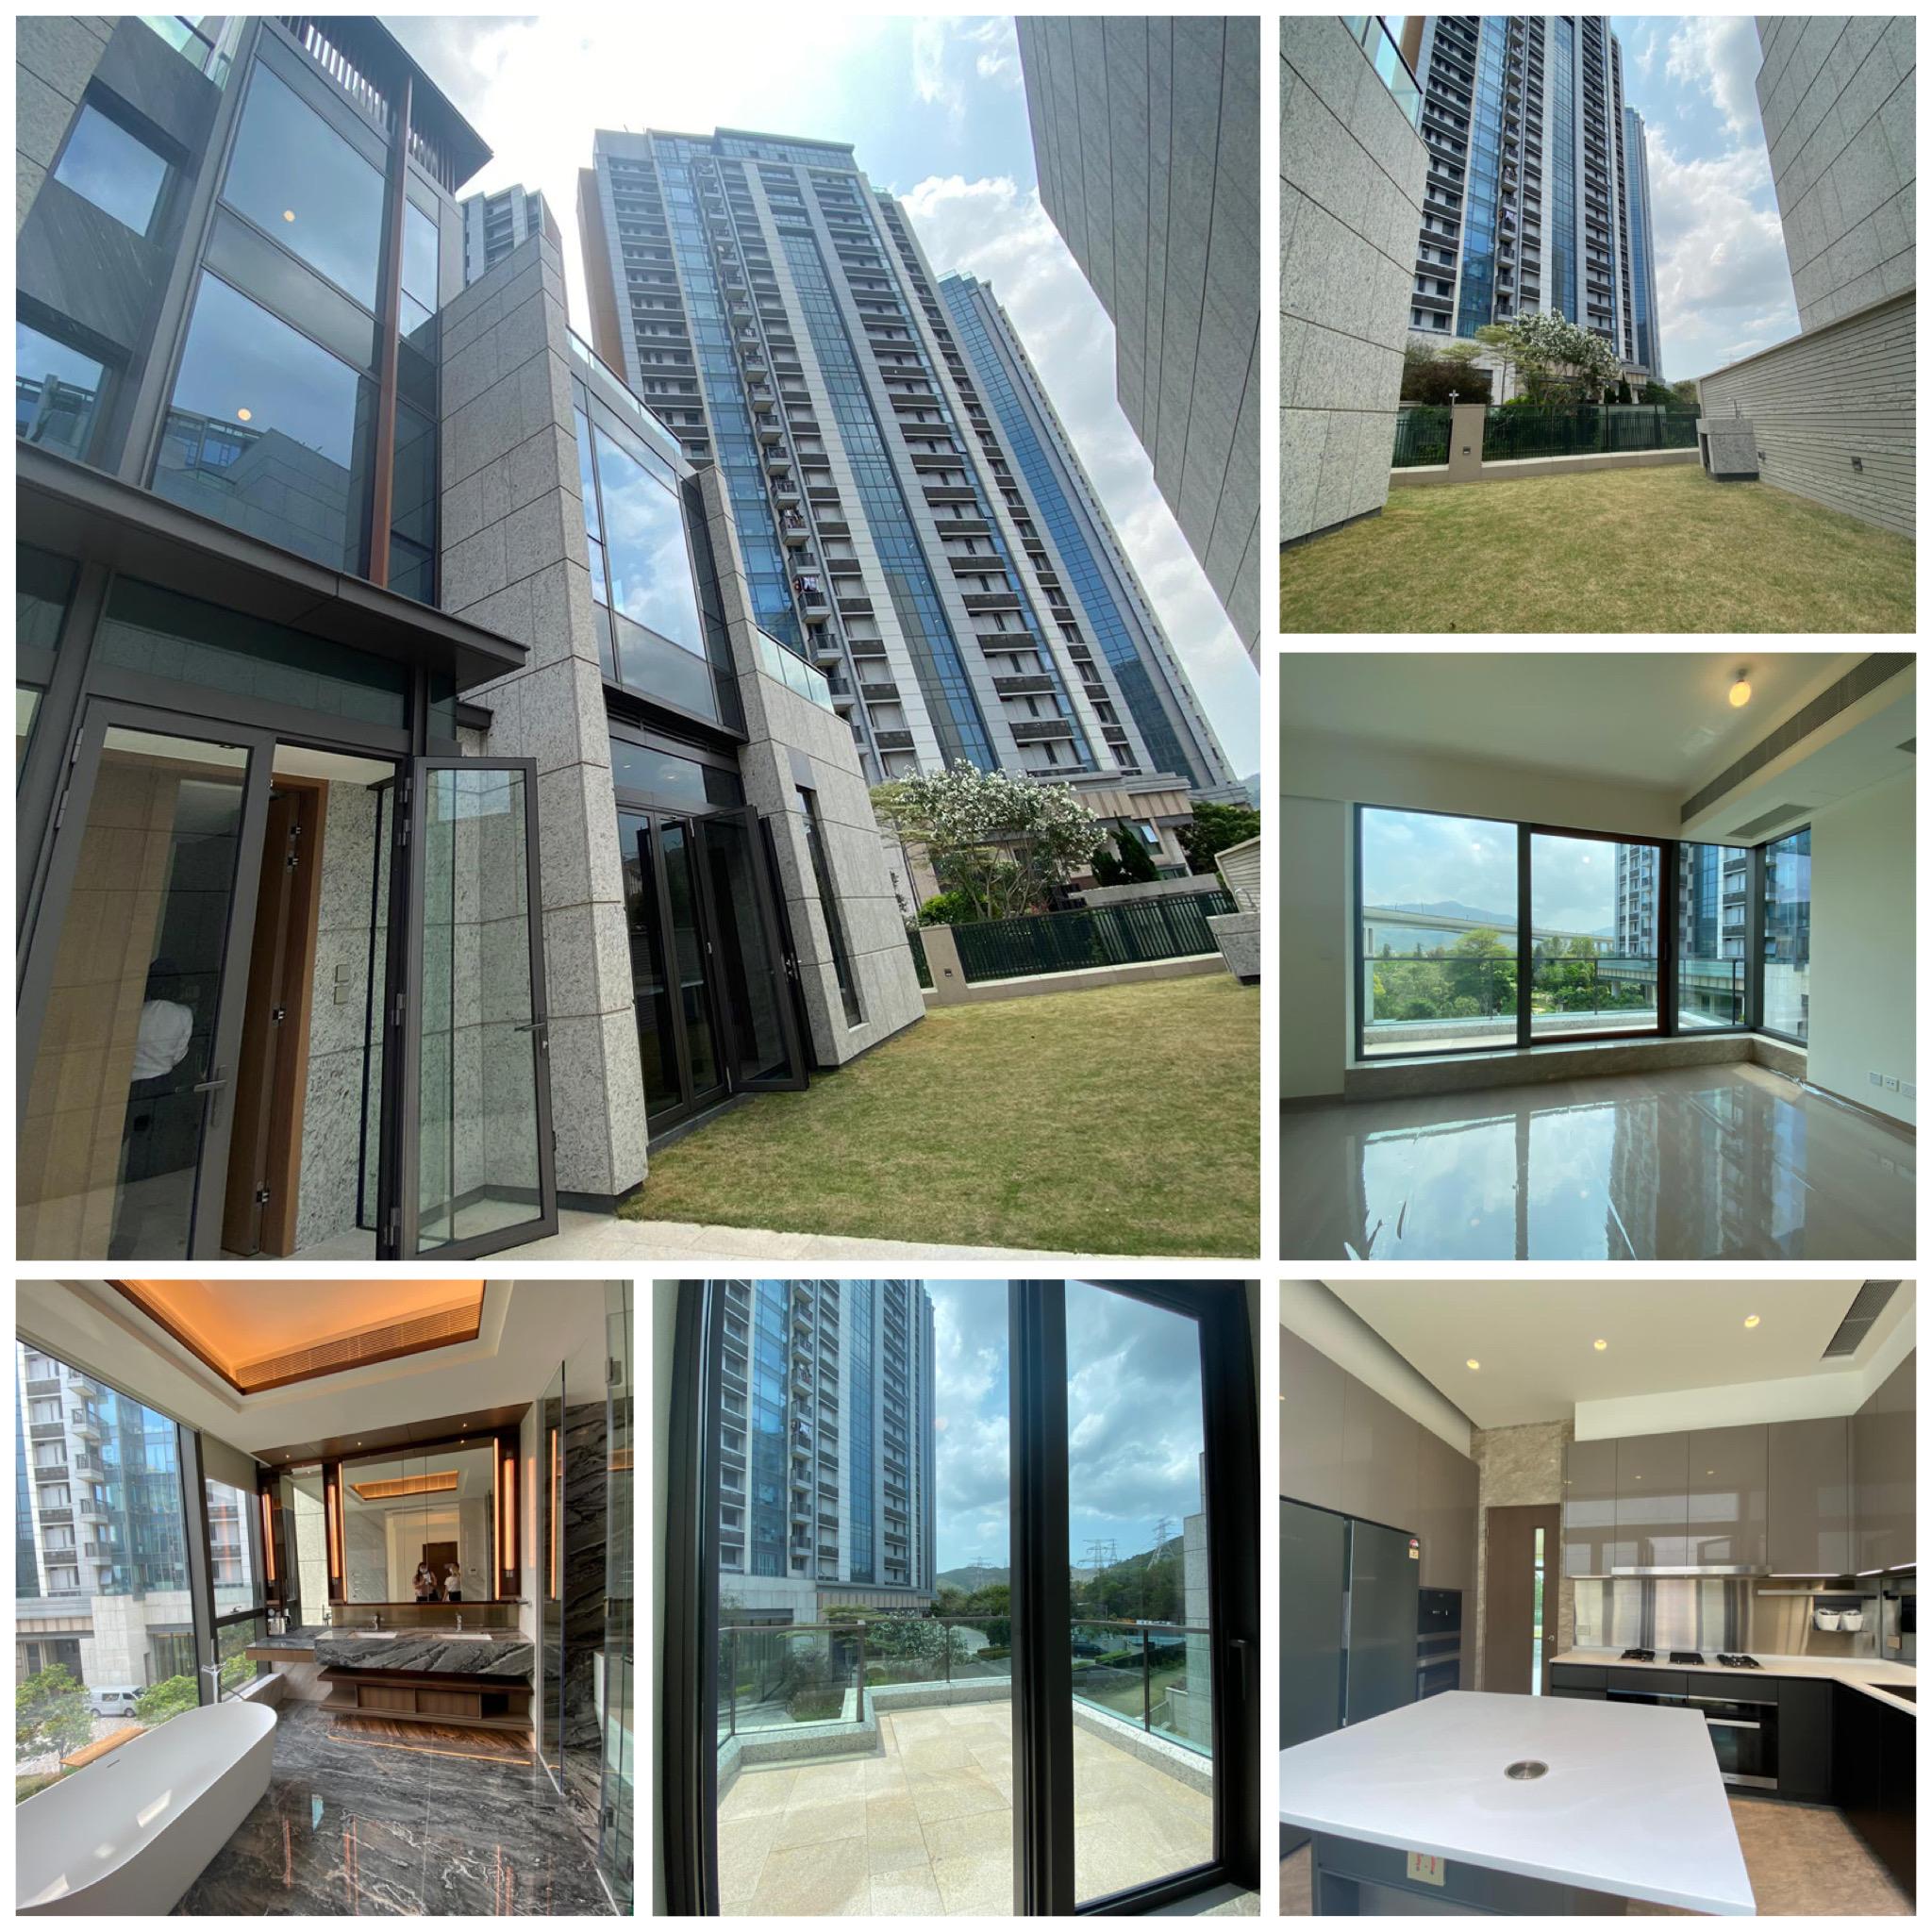 「2千呎大花園 · 私人電梯直上房間」包雙車位,4房4套+家庭廳+工人套房!